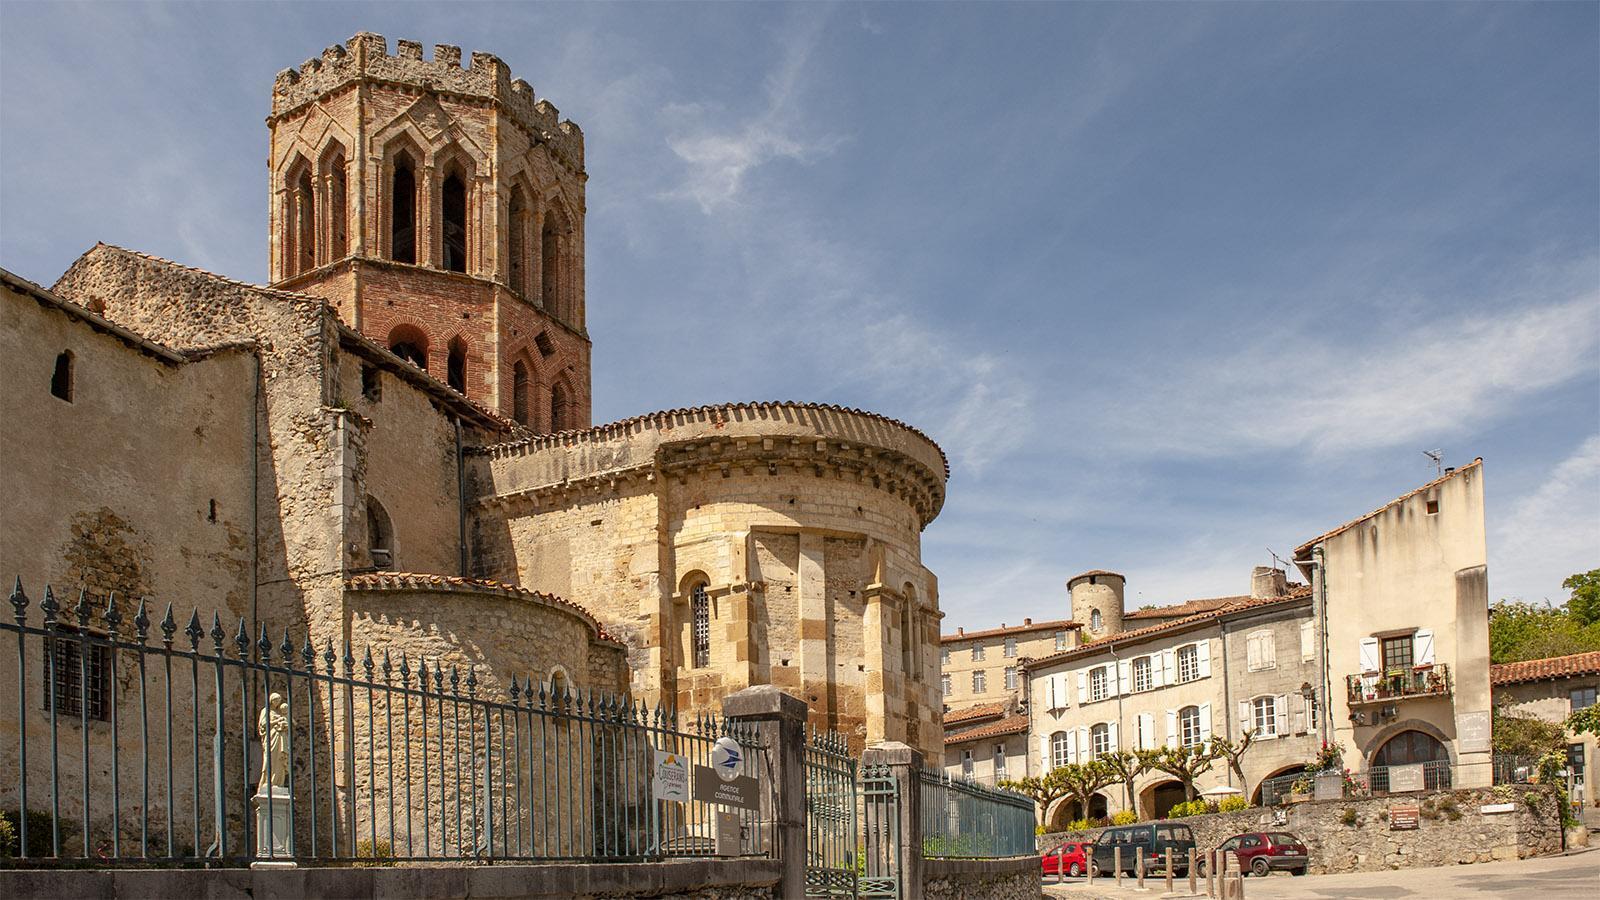 Ariège: Die Kathedrale Notre-Dame de la Sède von Saint-Lizier. Foto: Hilke Maunder